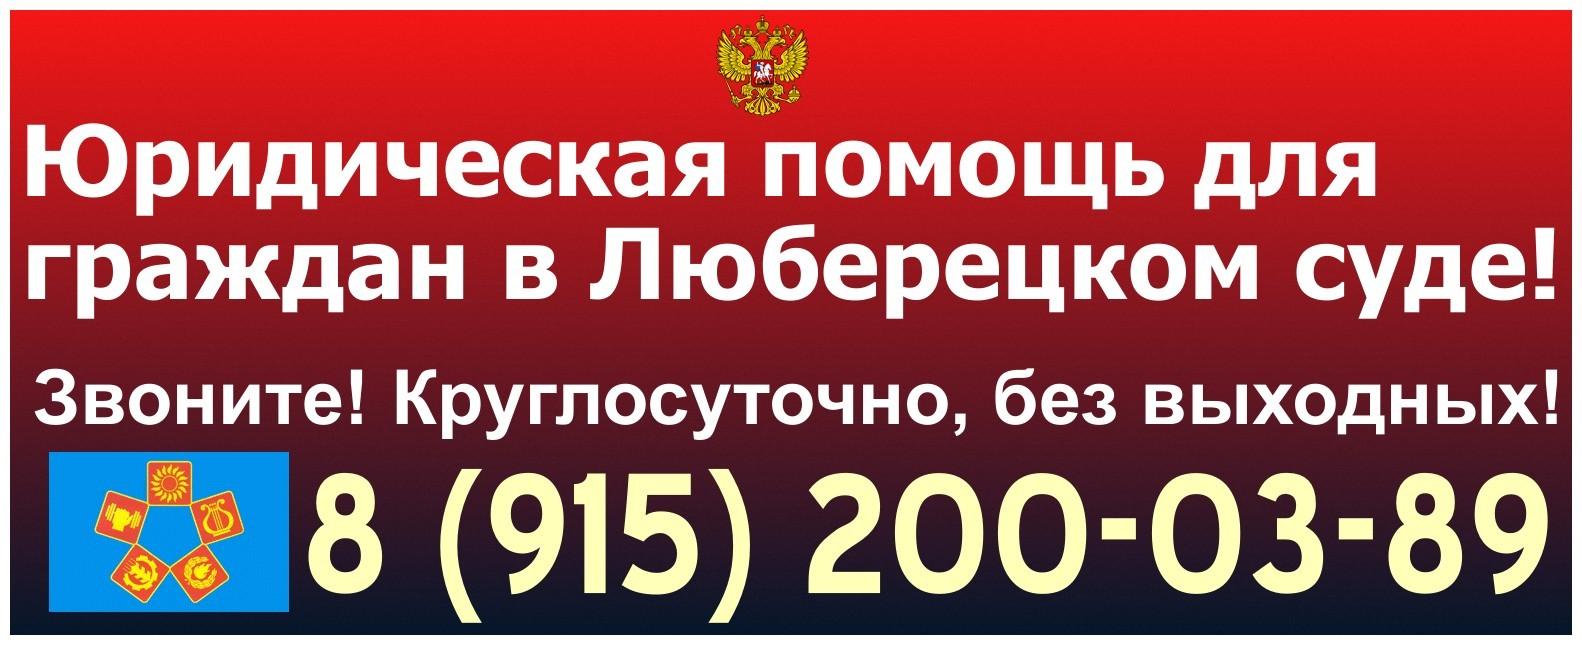 Суд Люберцы. Люберецкий суд телефон